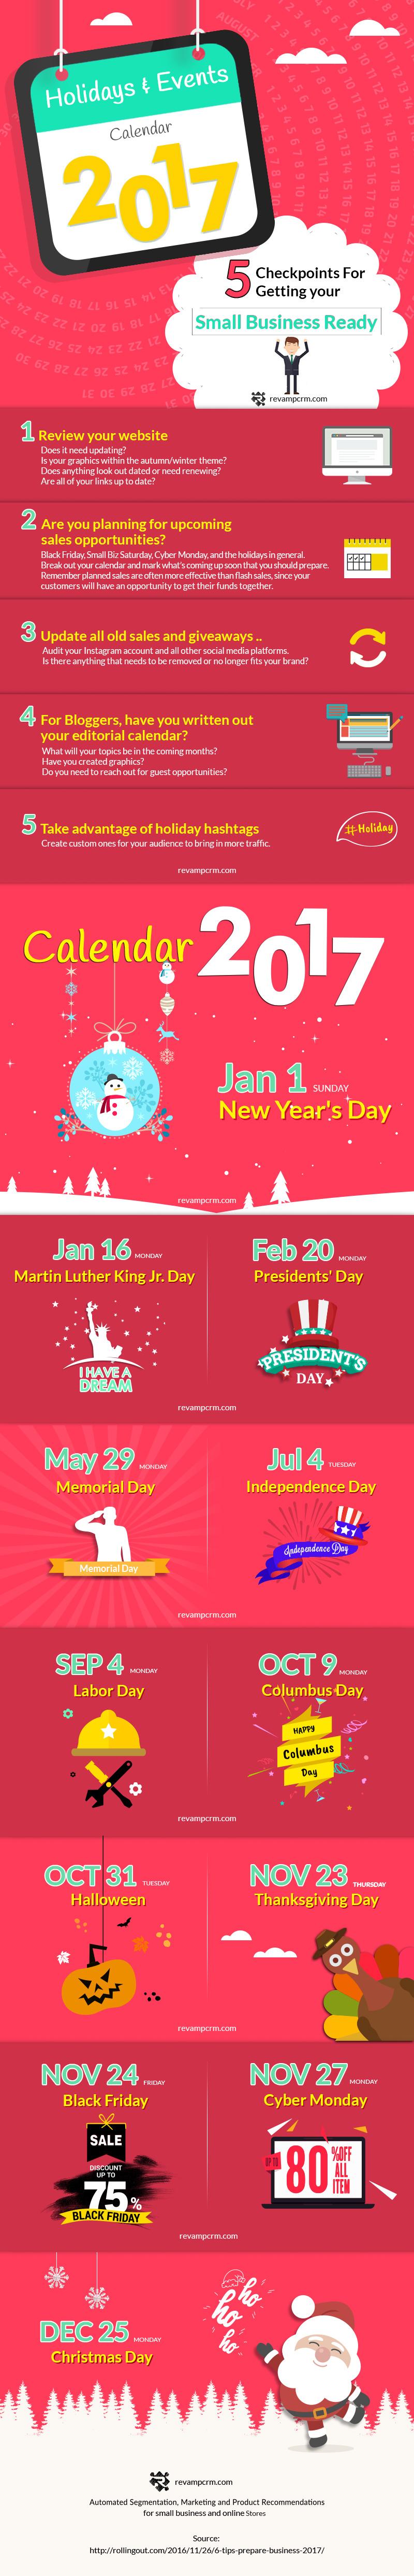 calendar-2017-+-5steps-2